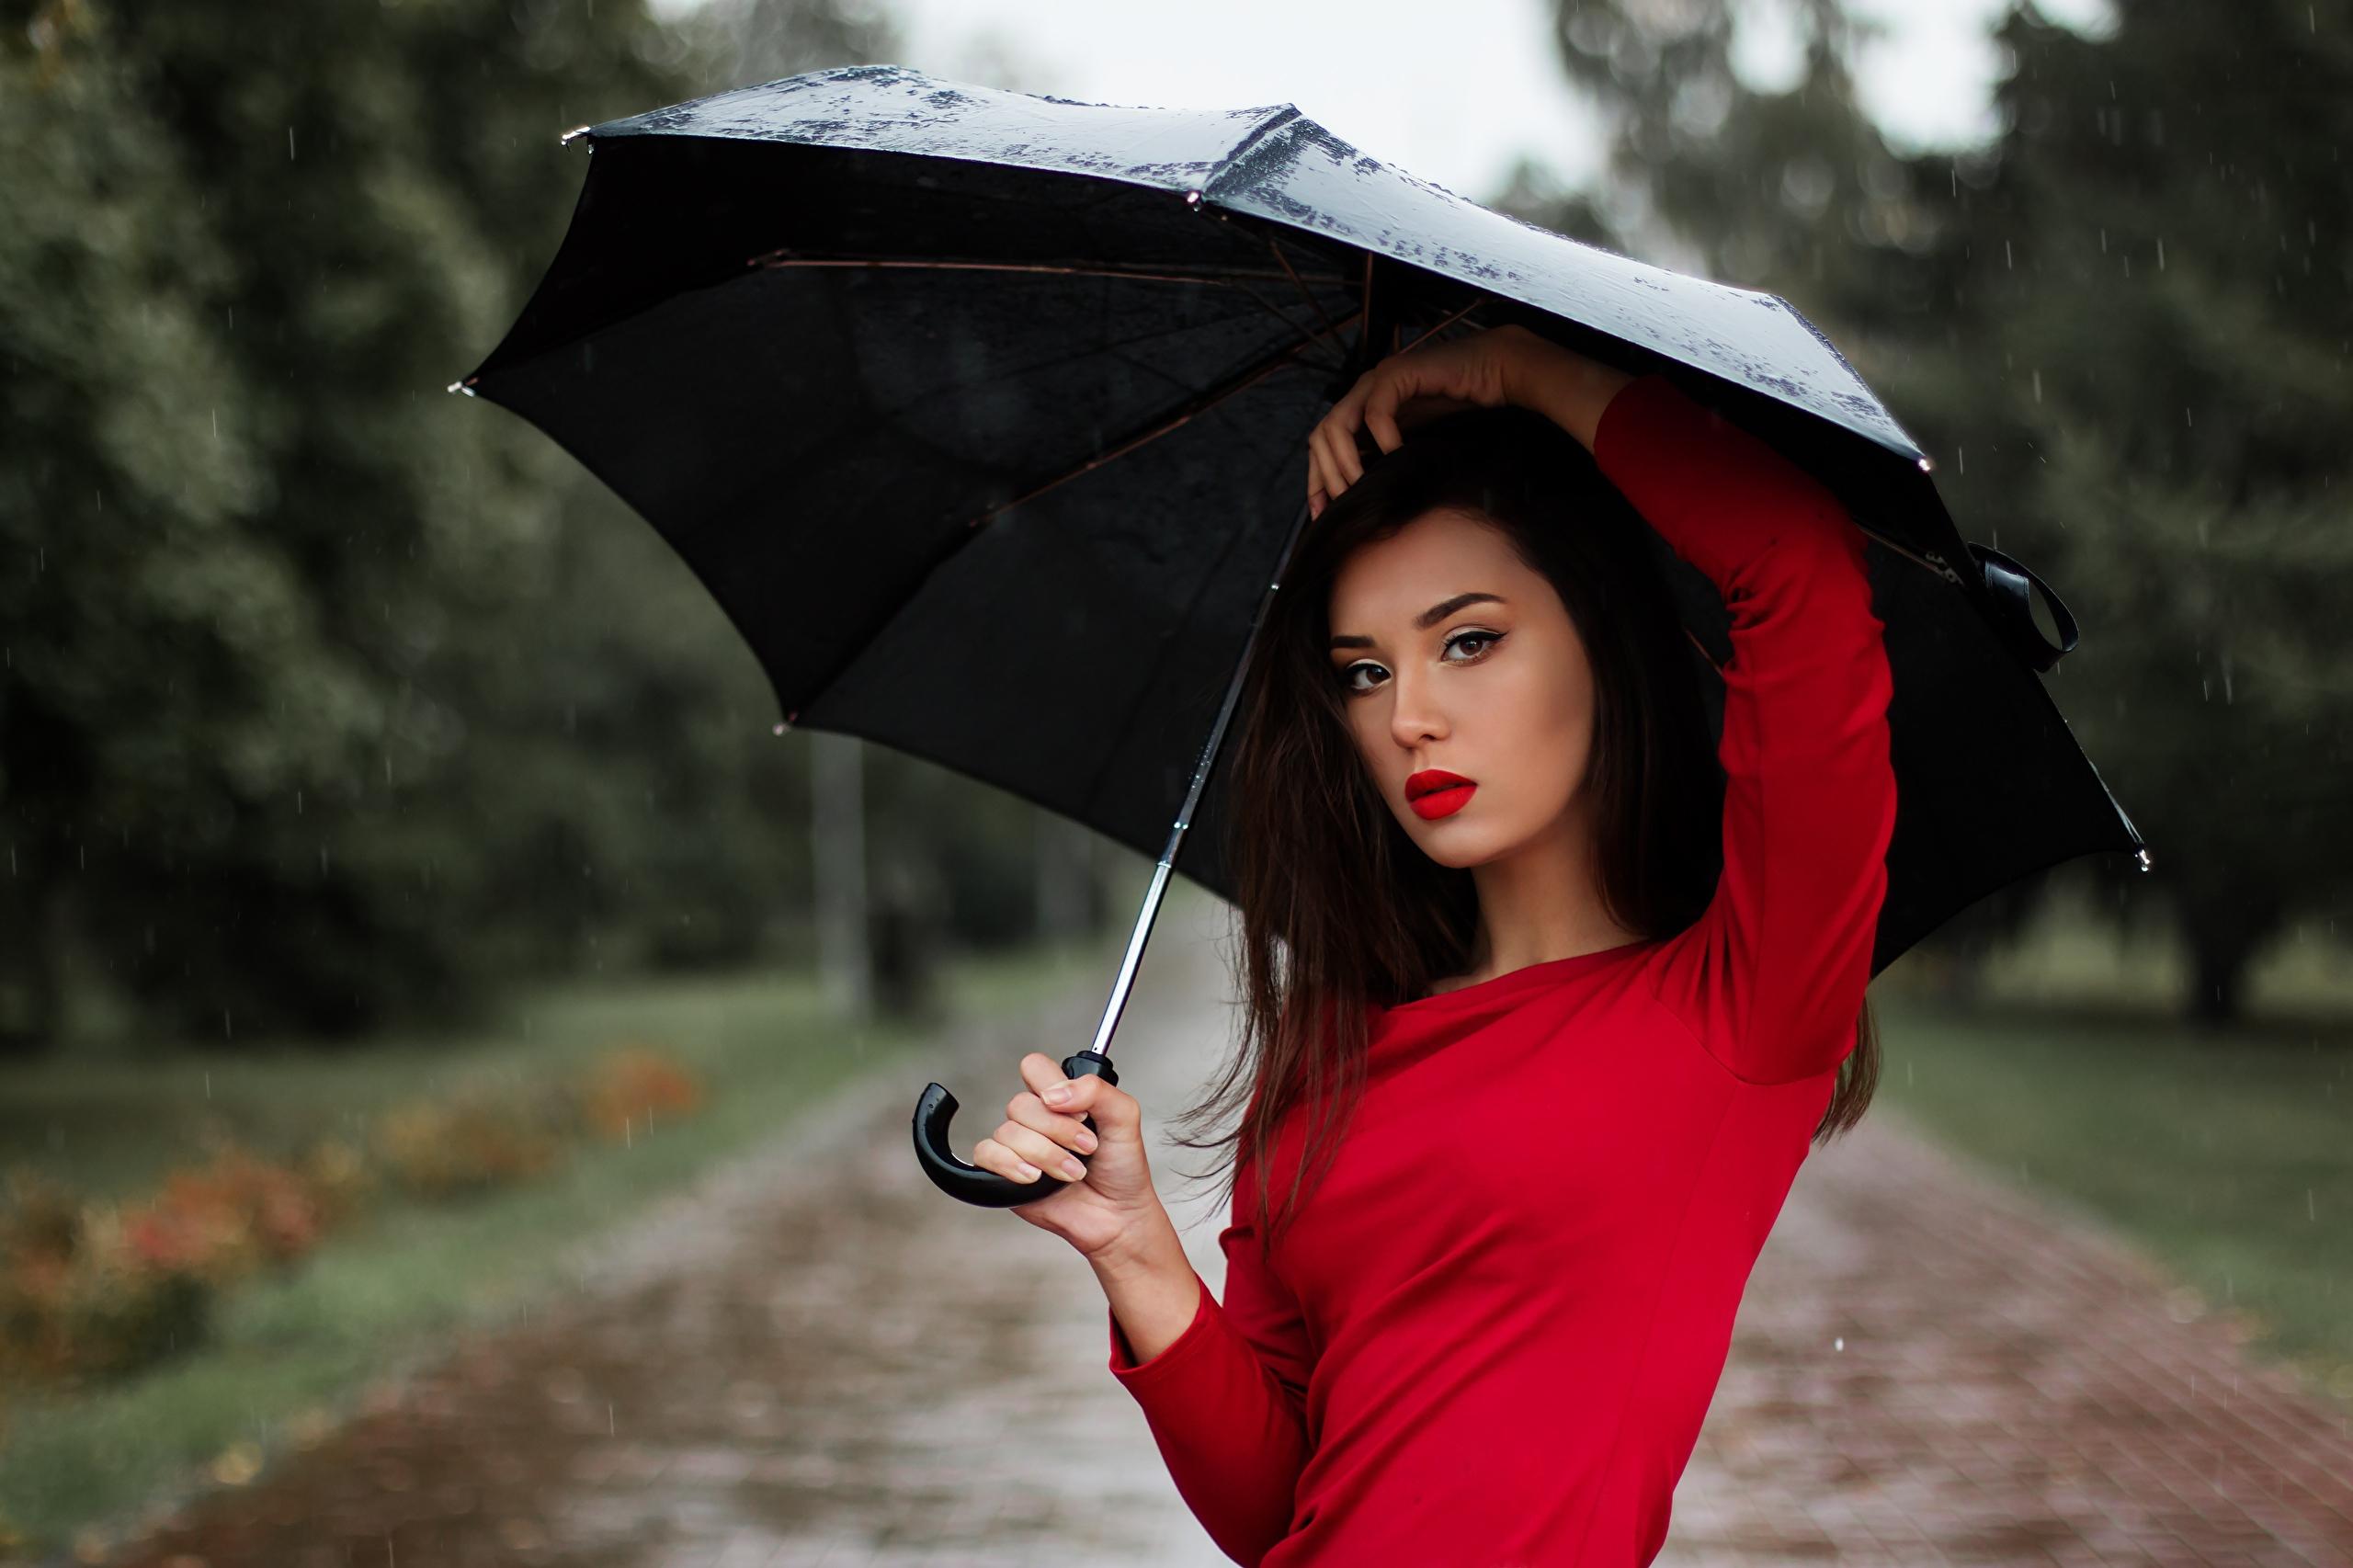 Выбираем зонт: как определиться с моделью и носить его элегантно